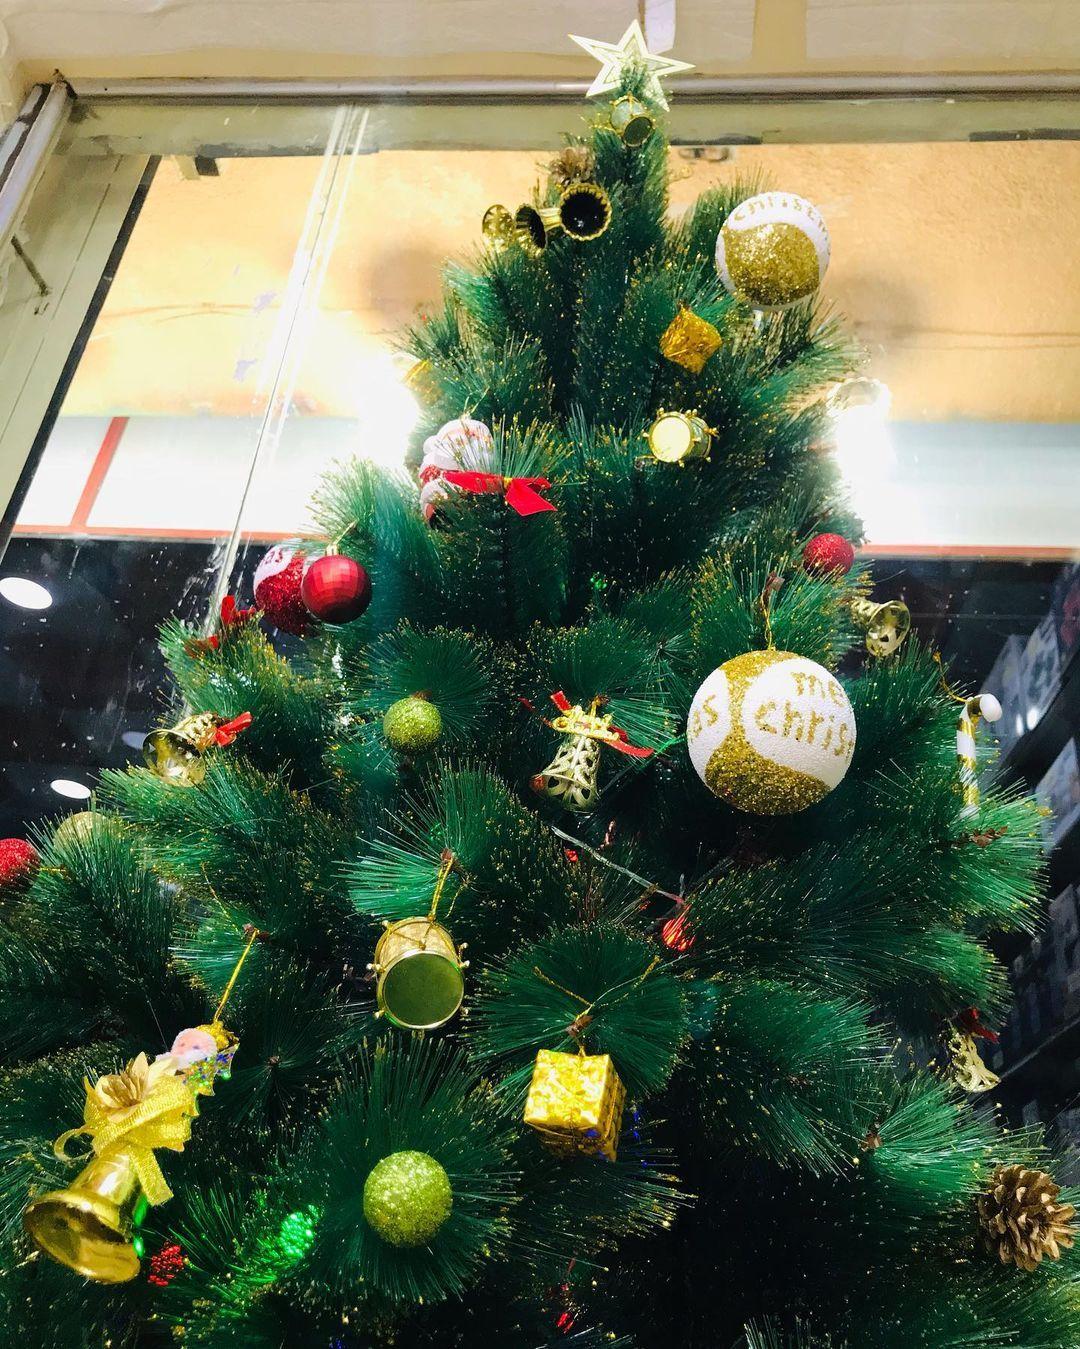 بيت العائلة On Instagram تتوفر شجرة الكرسمس قياس ١٨٠سم سعر الشجرة ٢٠ الف فقط سعر الشجرة مع الزينة ٣٠ الف توص Christmas Wreaths Holiday Decor Christmas Tree